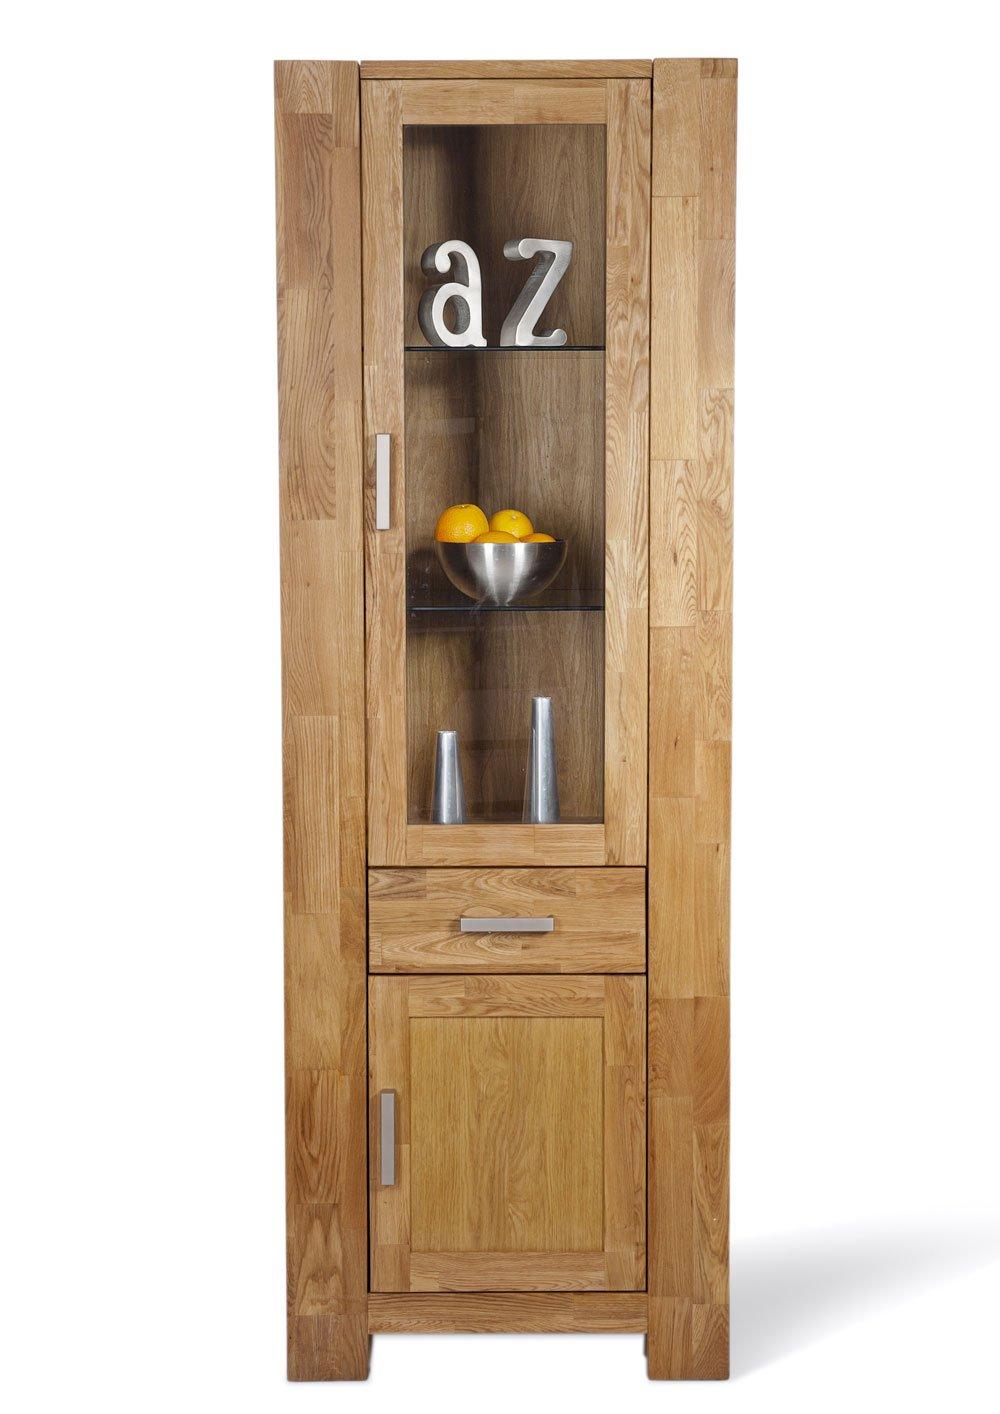 SAM® Schmale teilamssive Wildeiche Glas Vitrine Zeus 1606-01 Rechtsanschlag Vitrine 190 x 65 cm Glasvitrine mit Glaseinsatz hinter der Glastür eine Schubladen und eine Holztür mit Holz Einlageboden bereits montiert Auslieferung durch Spedition